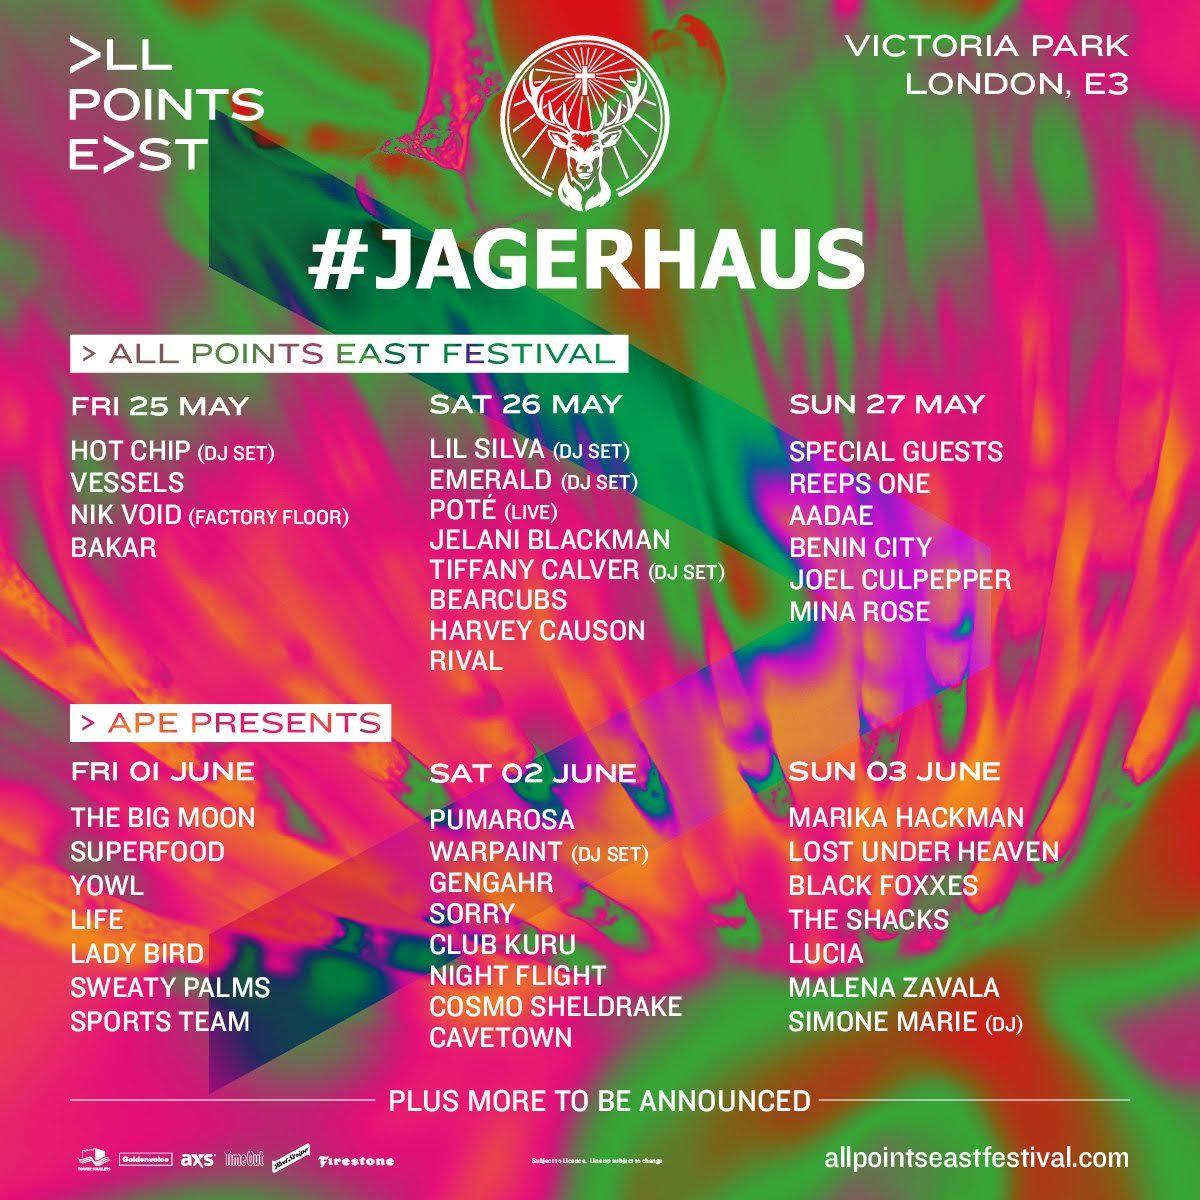 Jagerhaus full lineup